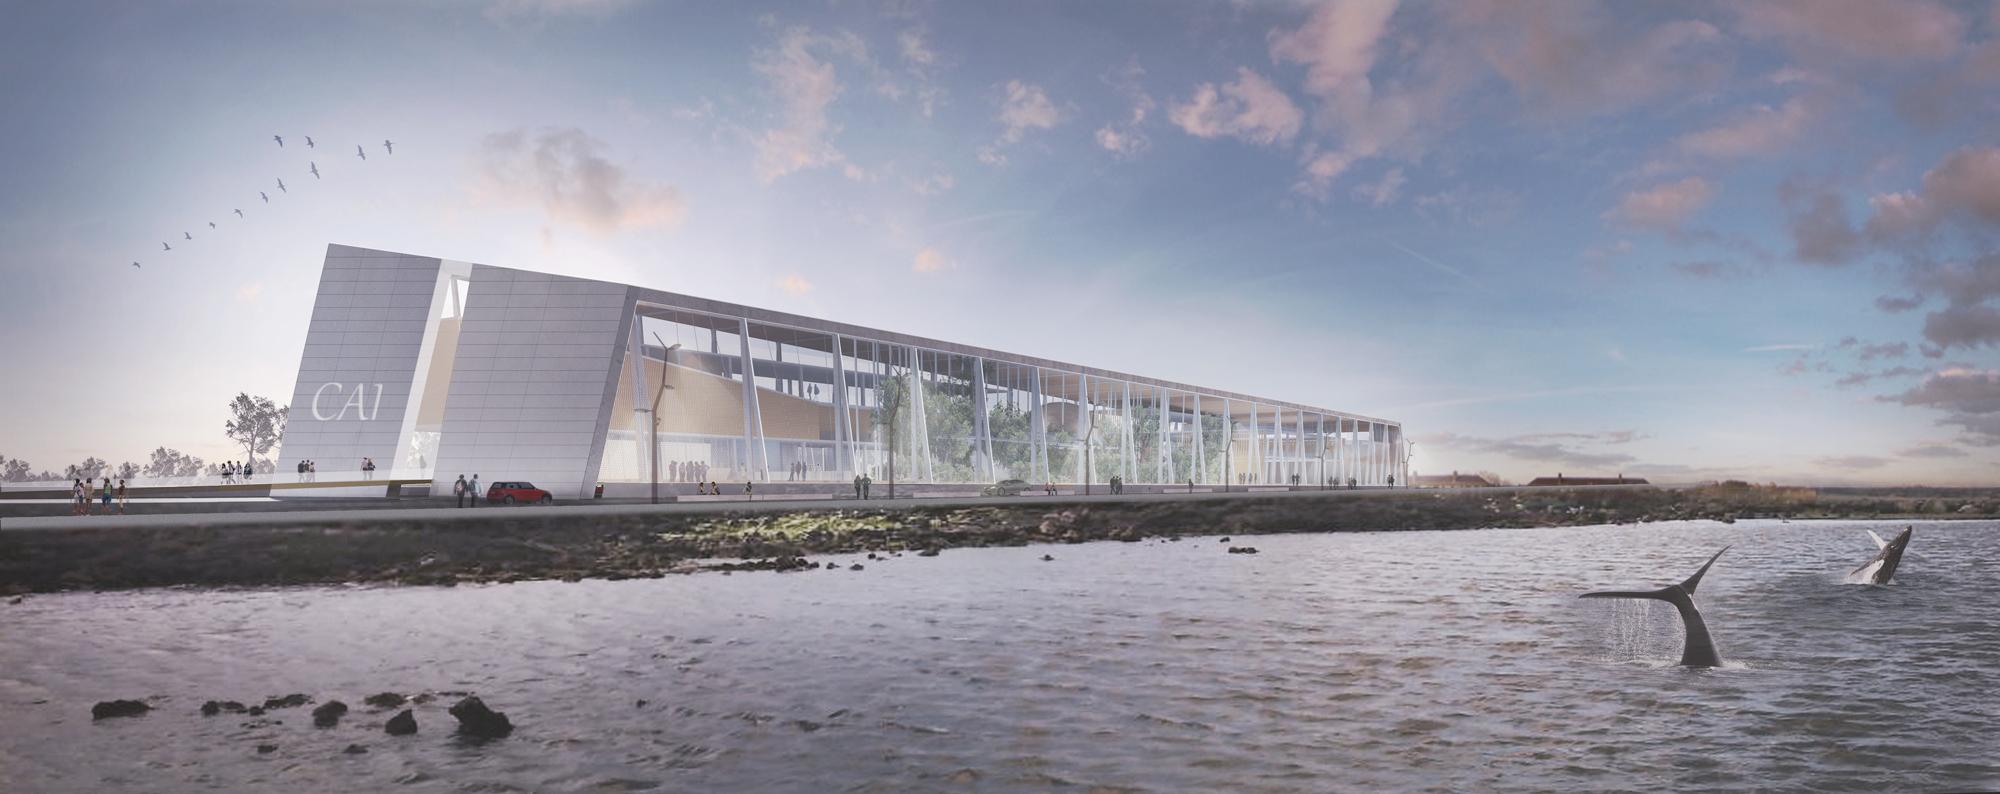 Tercer lugar del concurso del centro ant rtico - Que es un porche en arquitectura ...